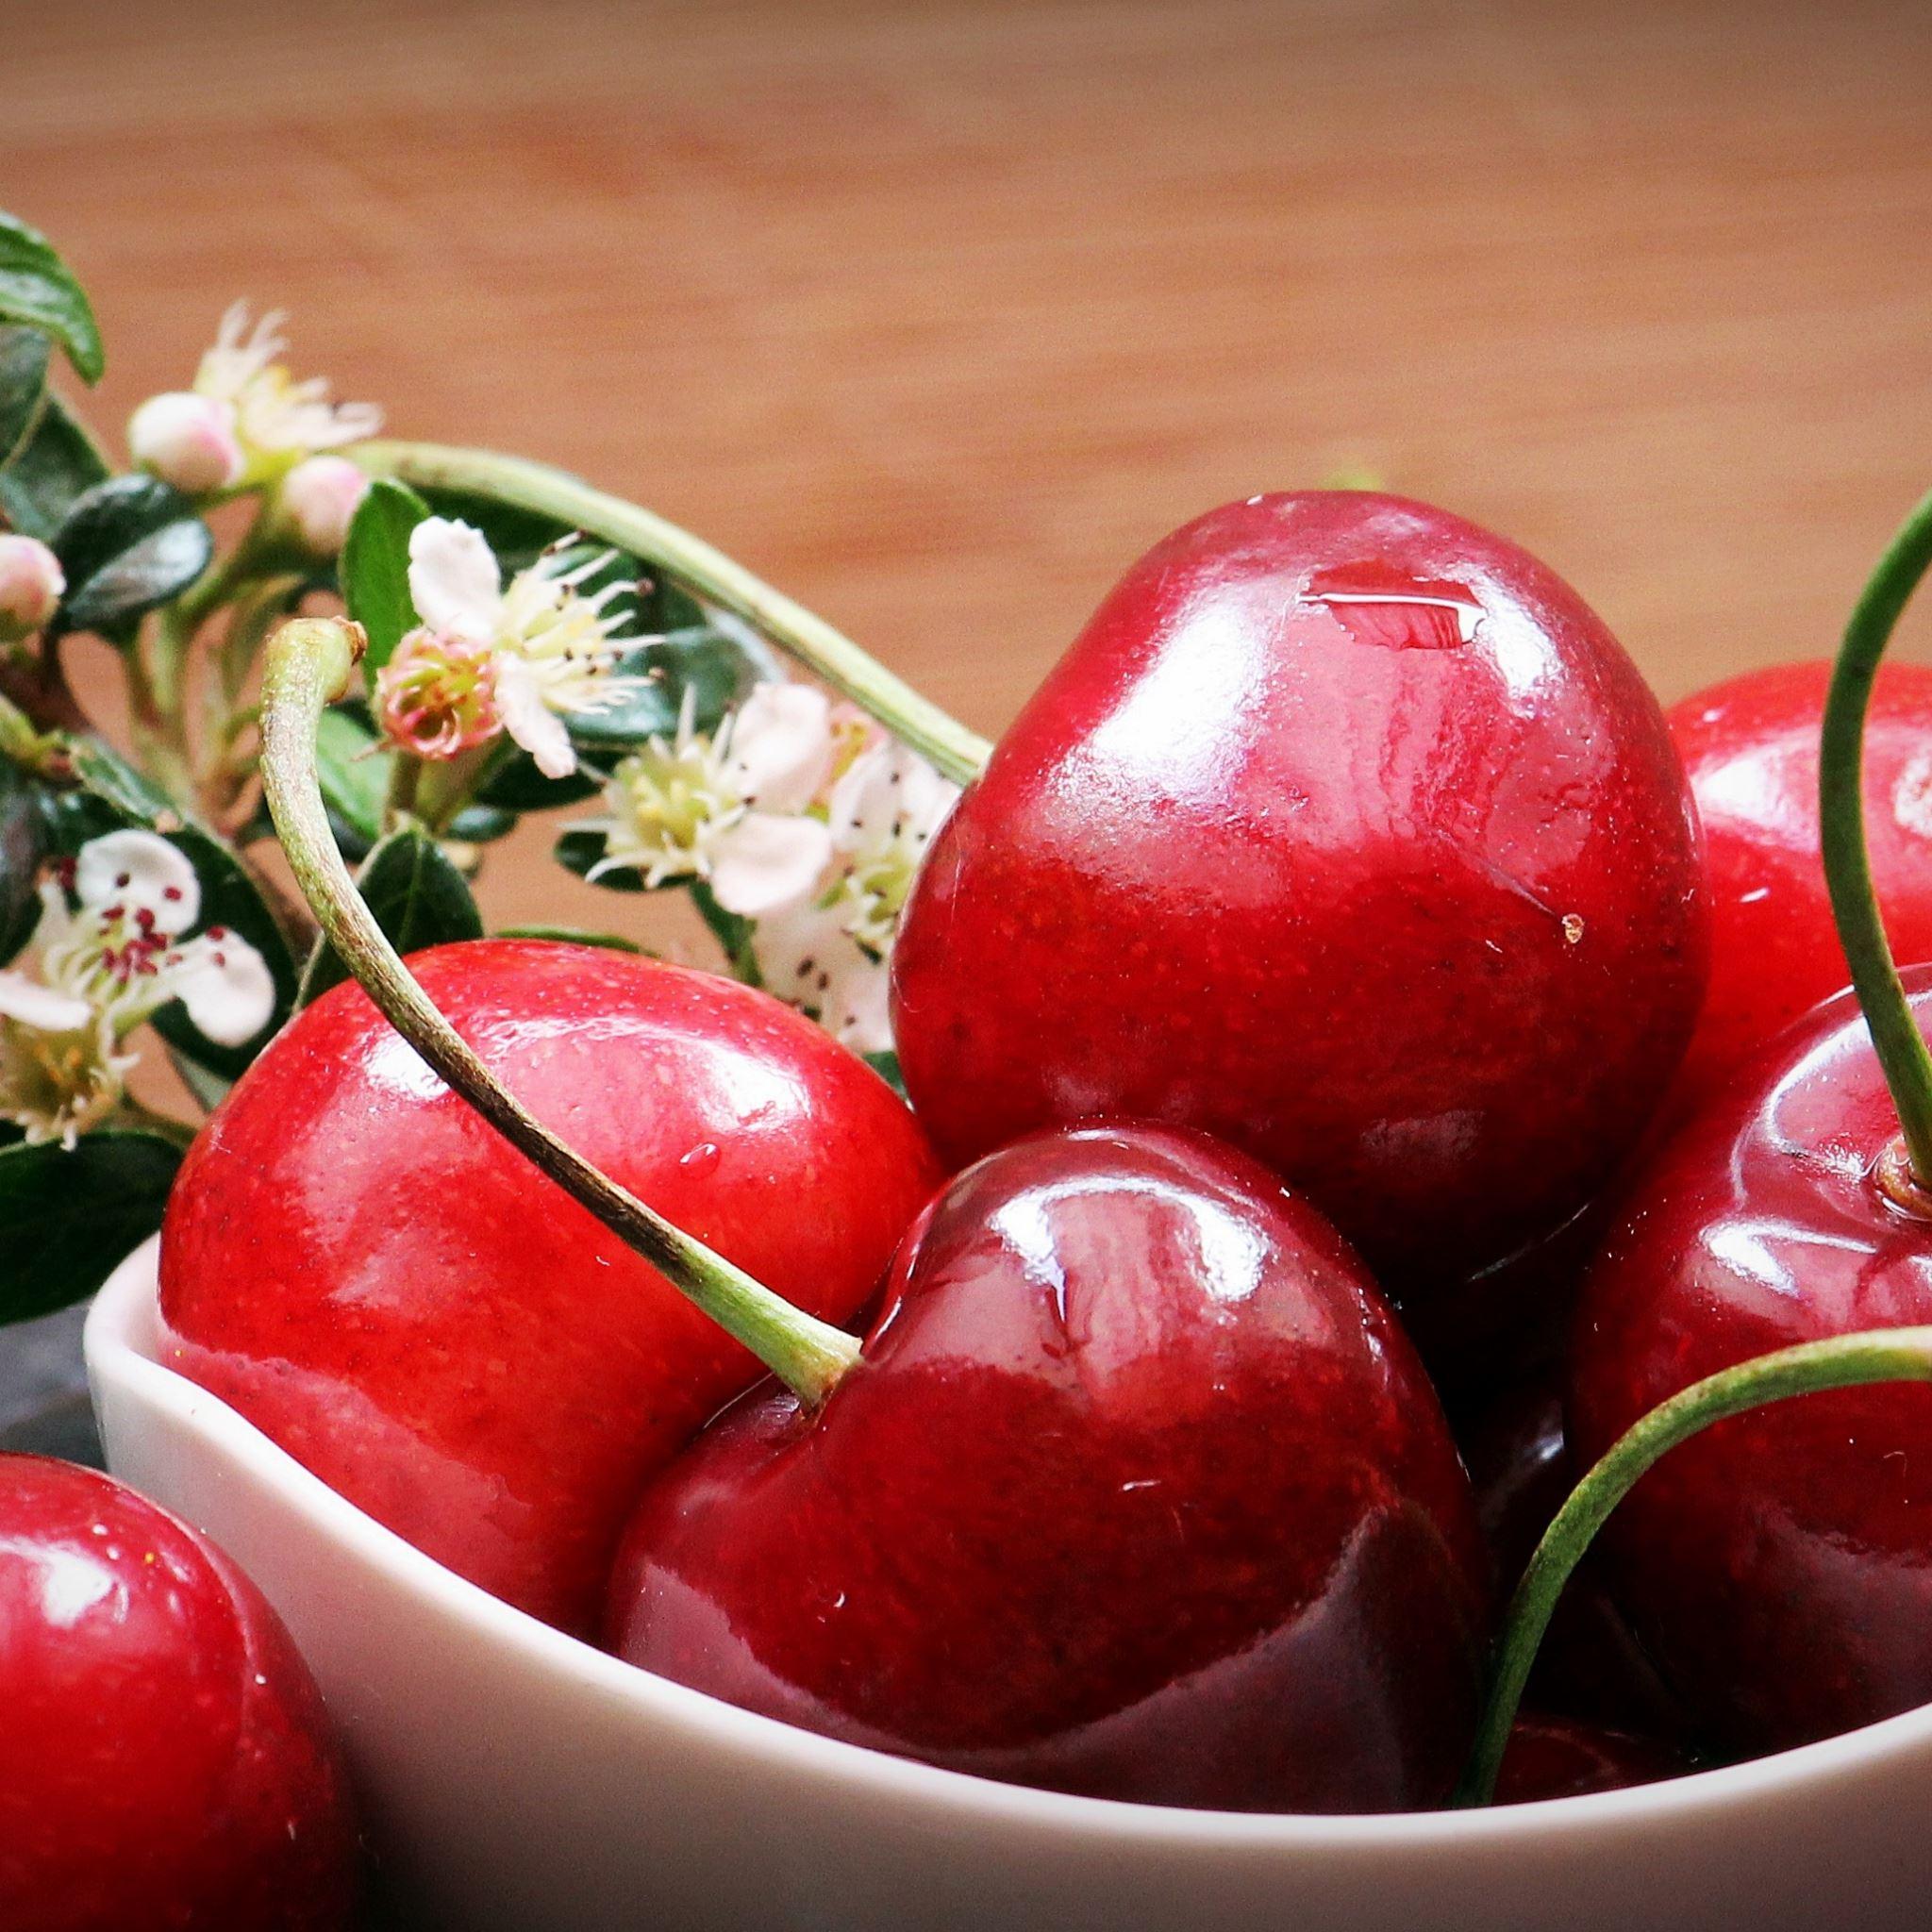 Cherries berries flowers iPad Air wallpaper